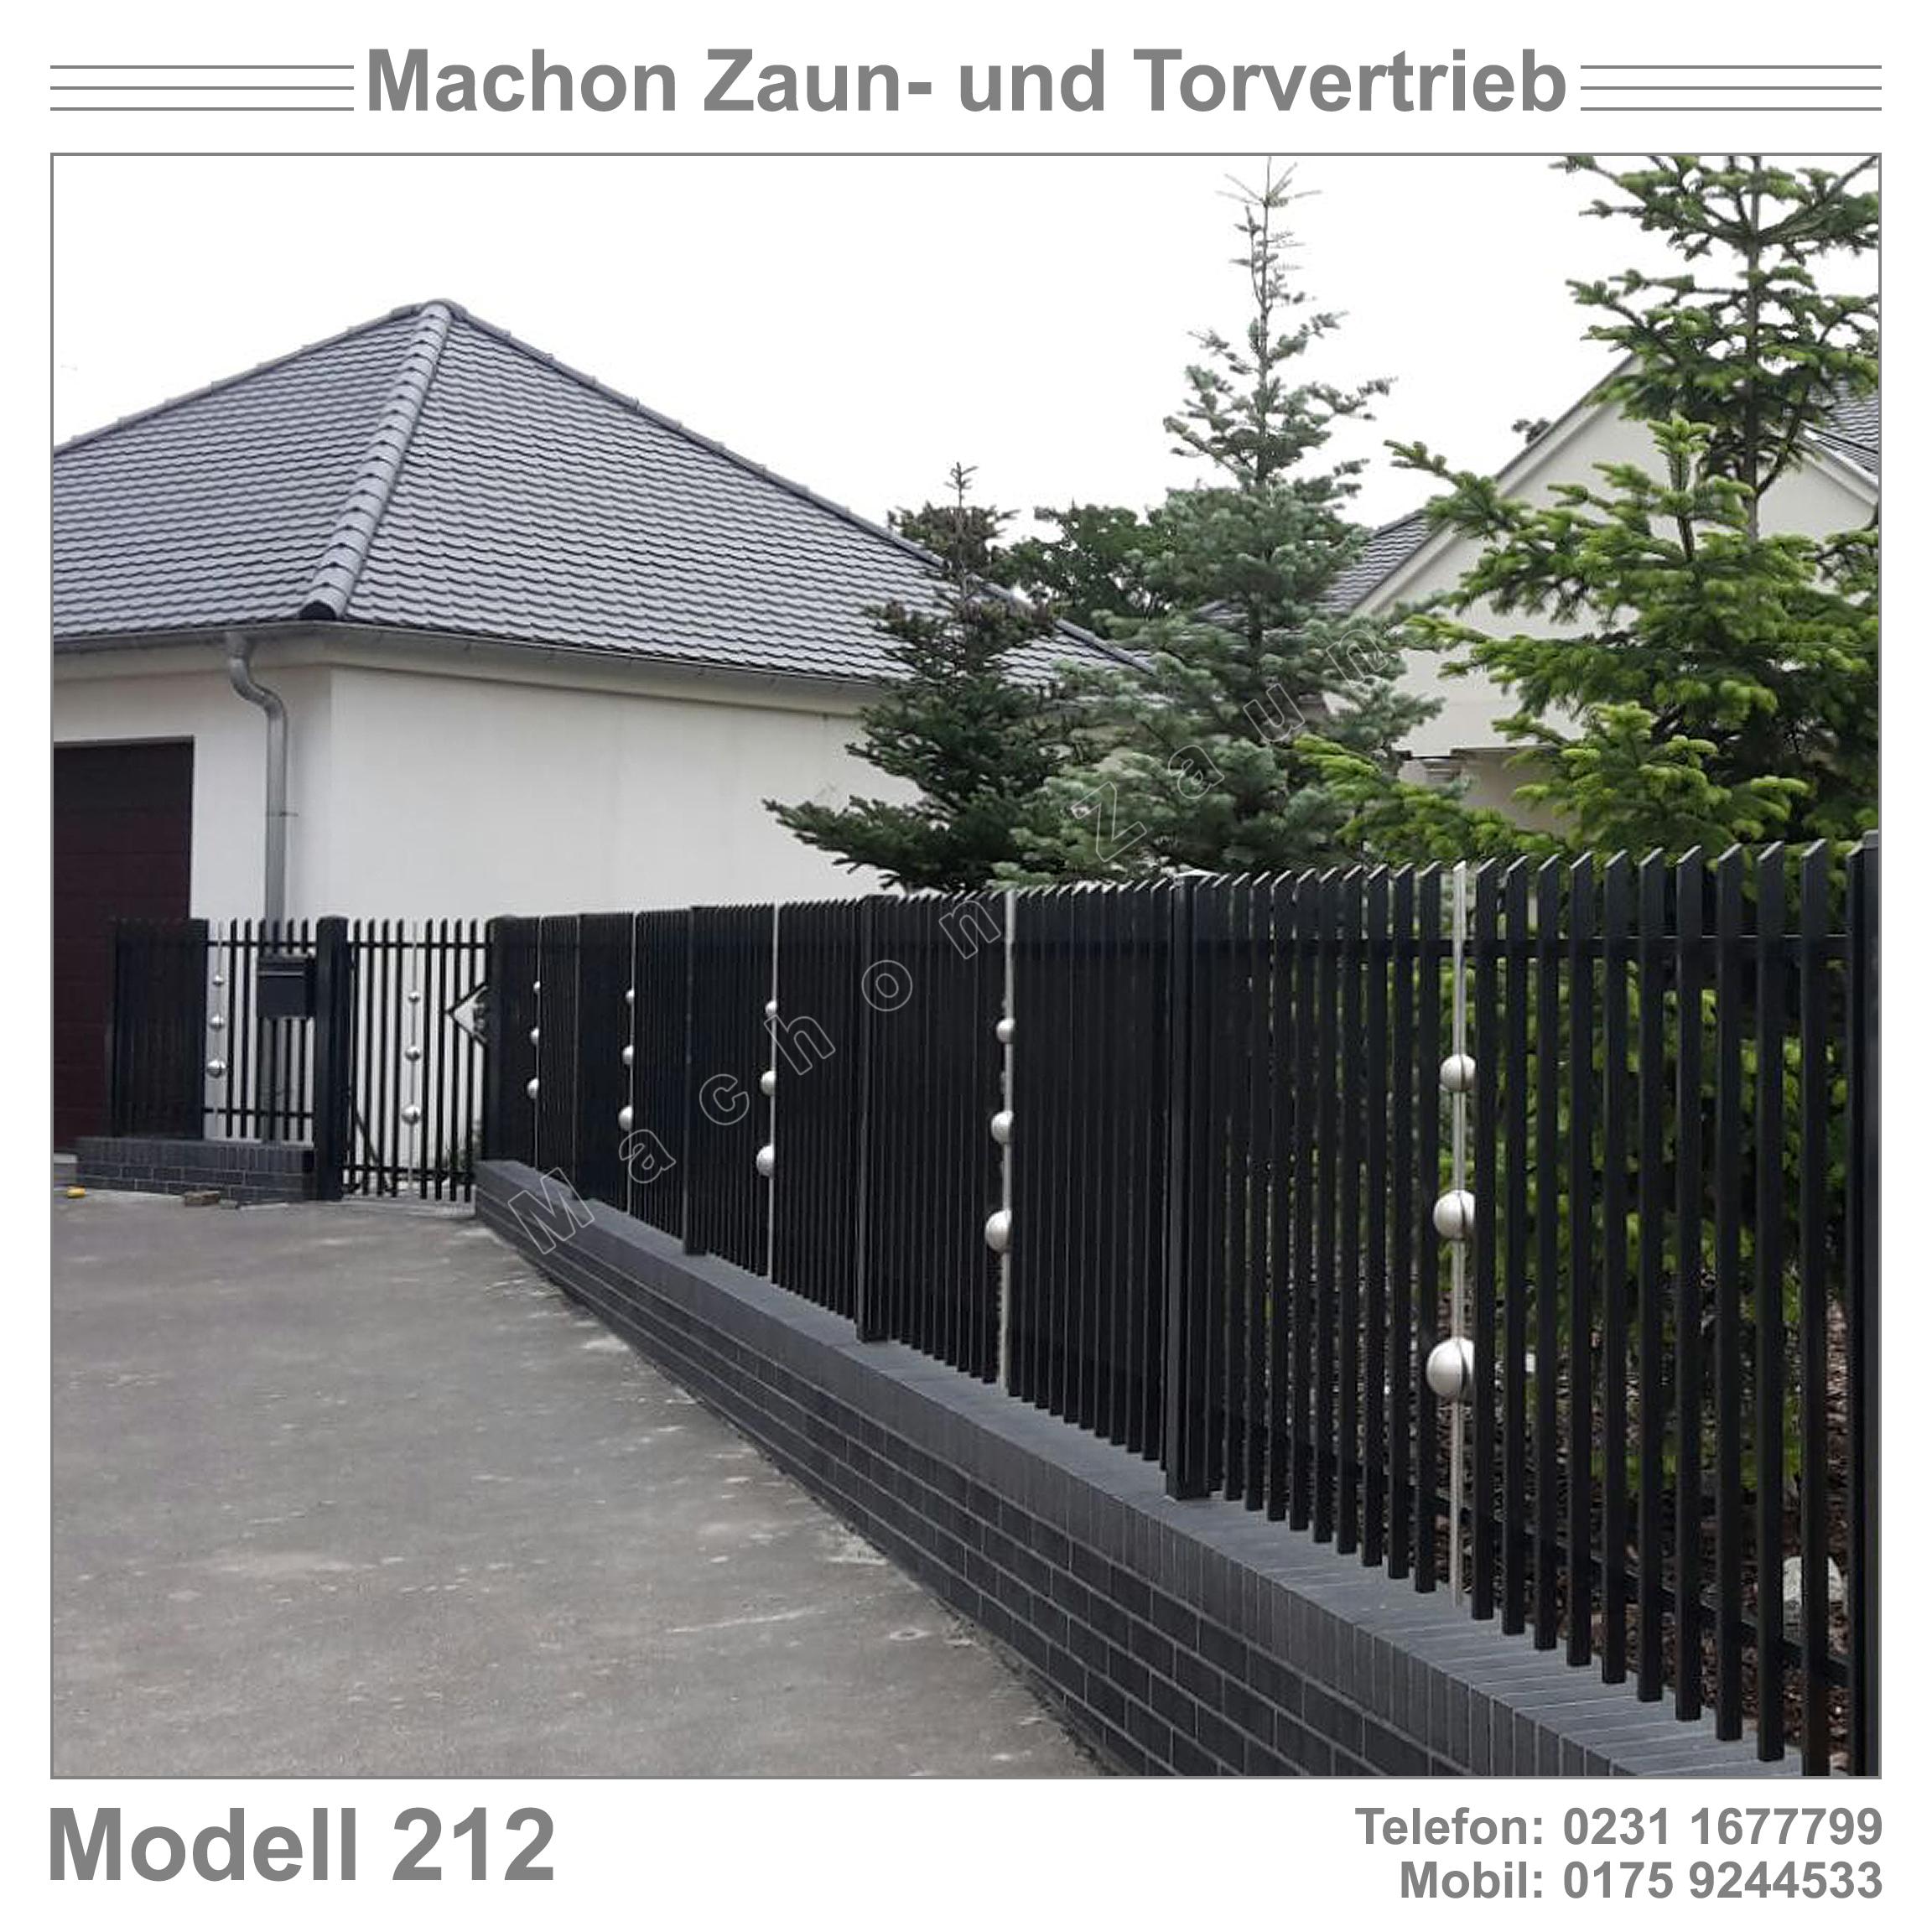 Gländer Zaun Balustrade Gartentor Eisentor Schiebetor